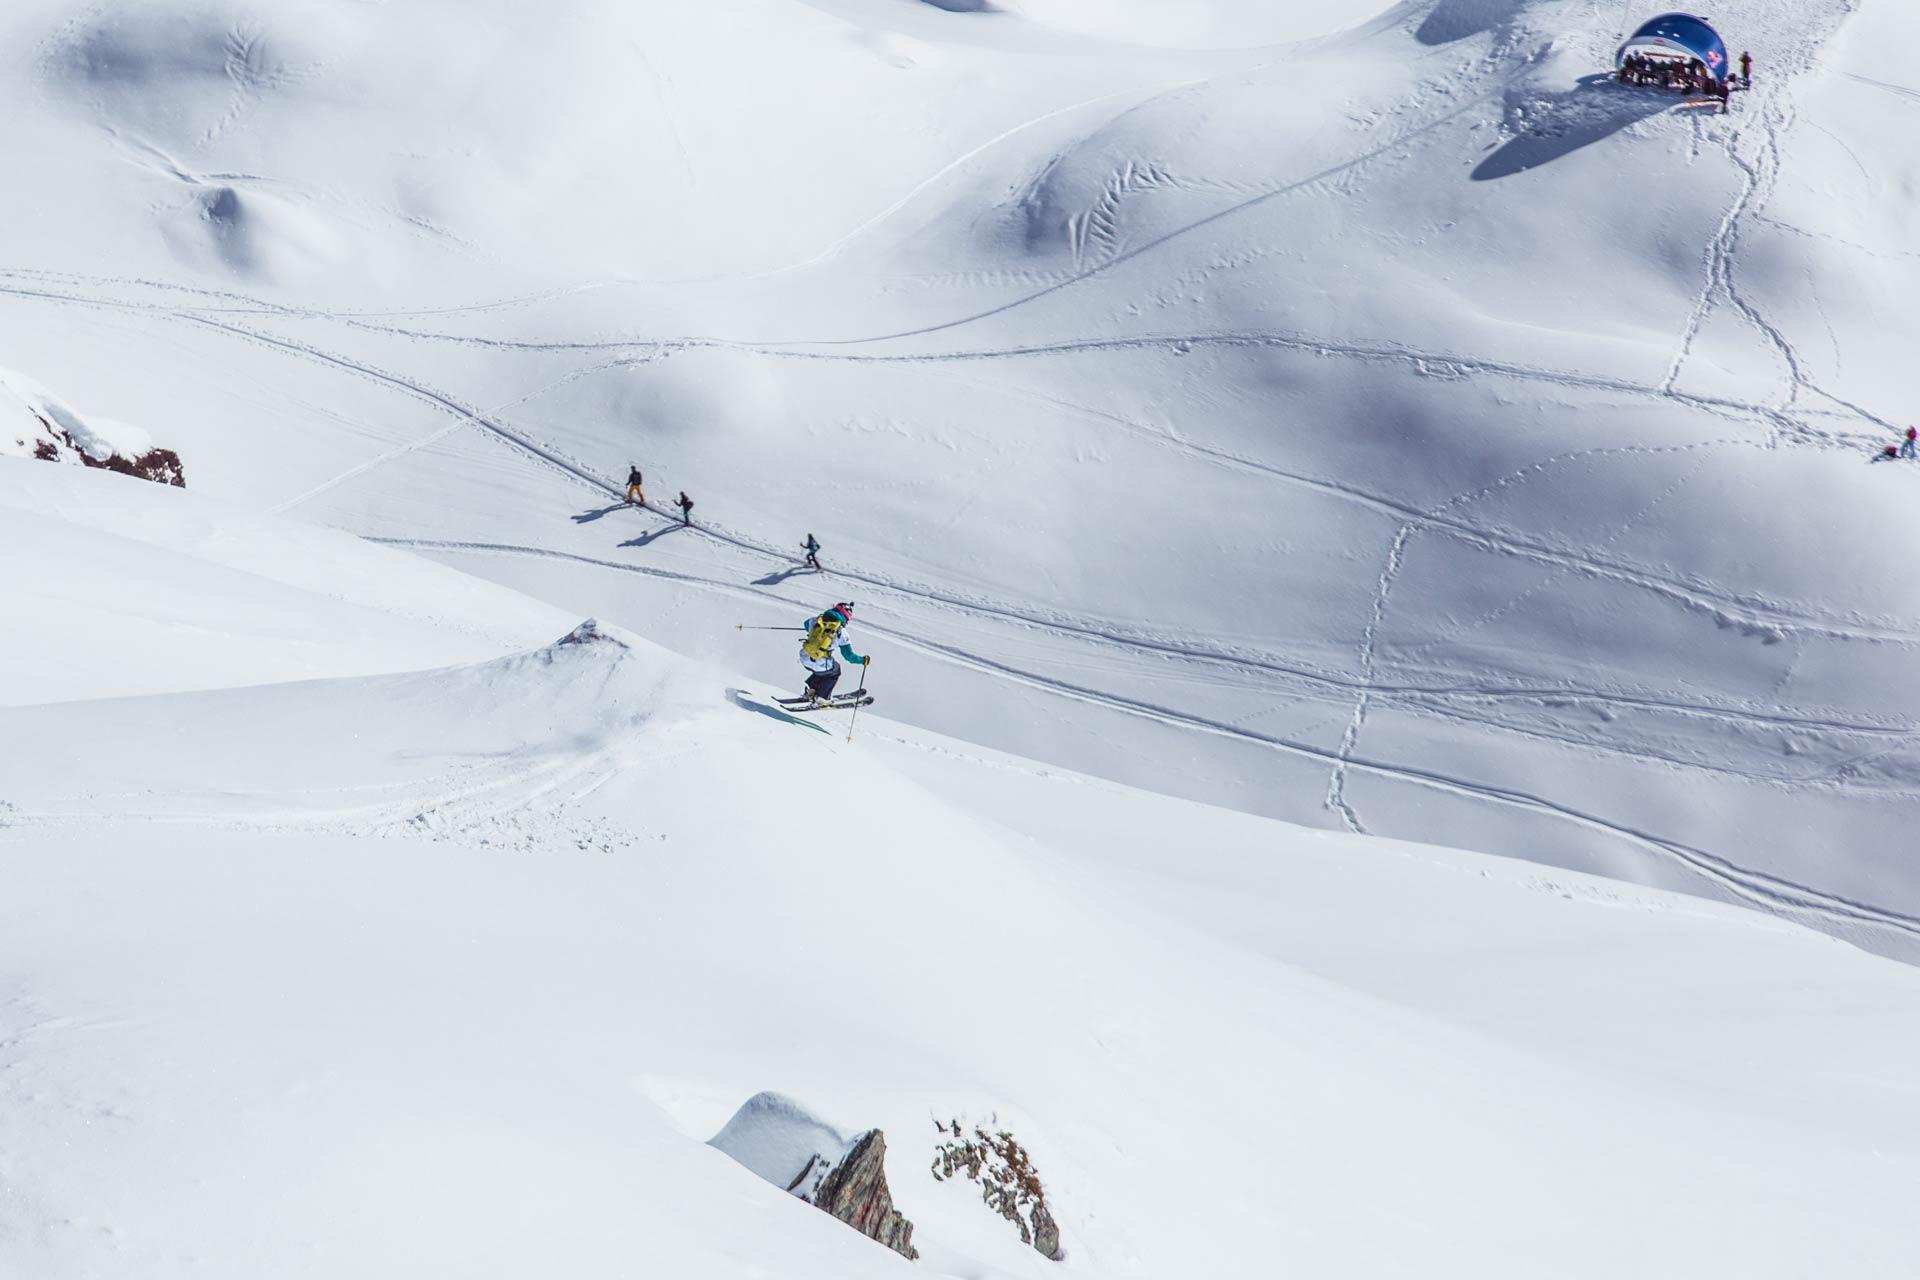 Bessere Bedingungen kann man sich für einen Freeride-Contest kaum wünschen. Im Bild: Die Bulgarin Elena Mitrengova, die sich den Sieg bei den Ski Damen sicherte - Foto: X Over / Artisual